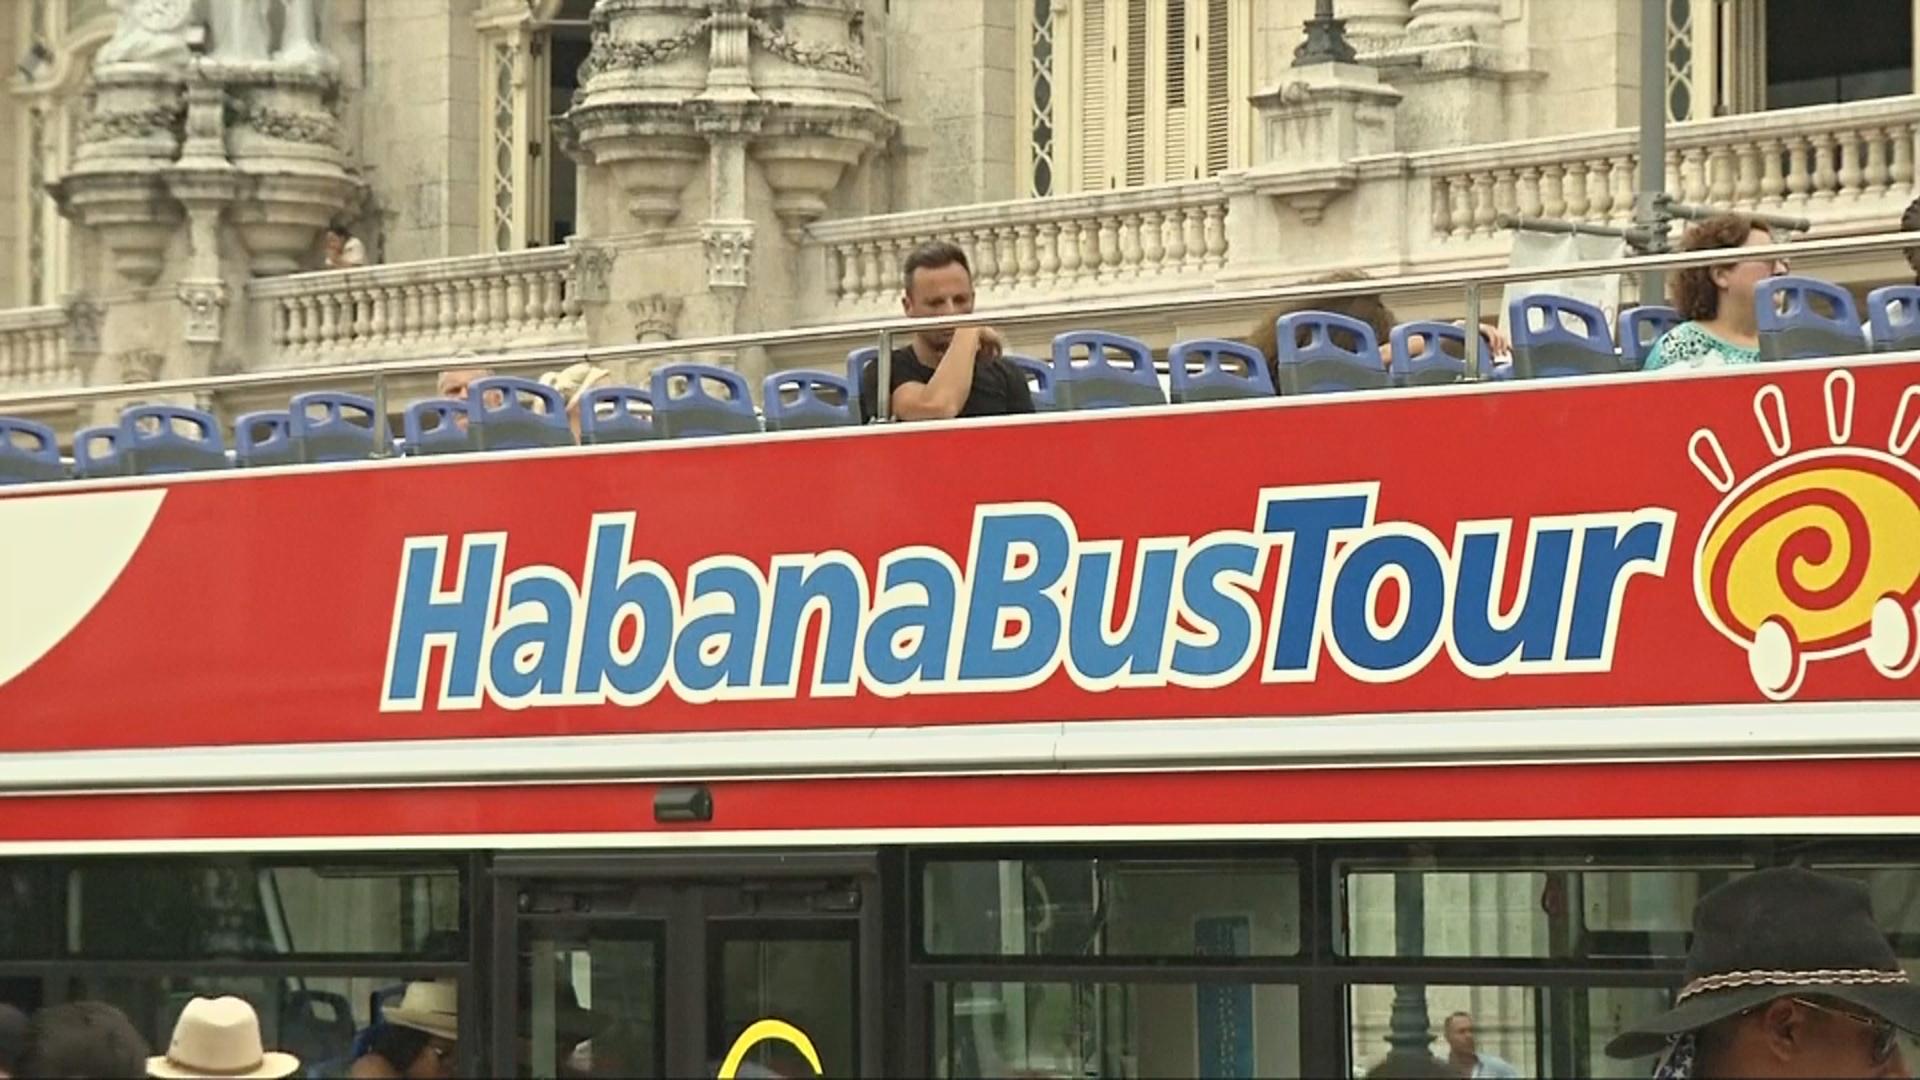 Американцам стало сложнее путешествовать на Кубу и вести там бизнес